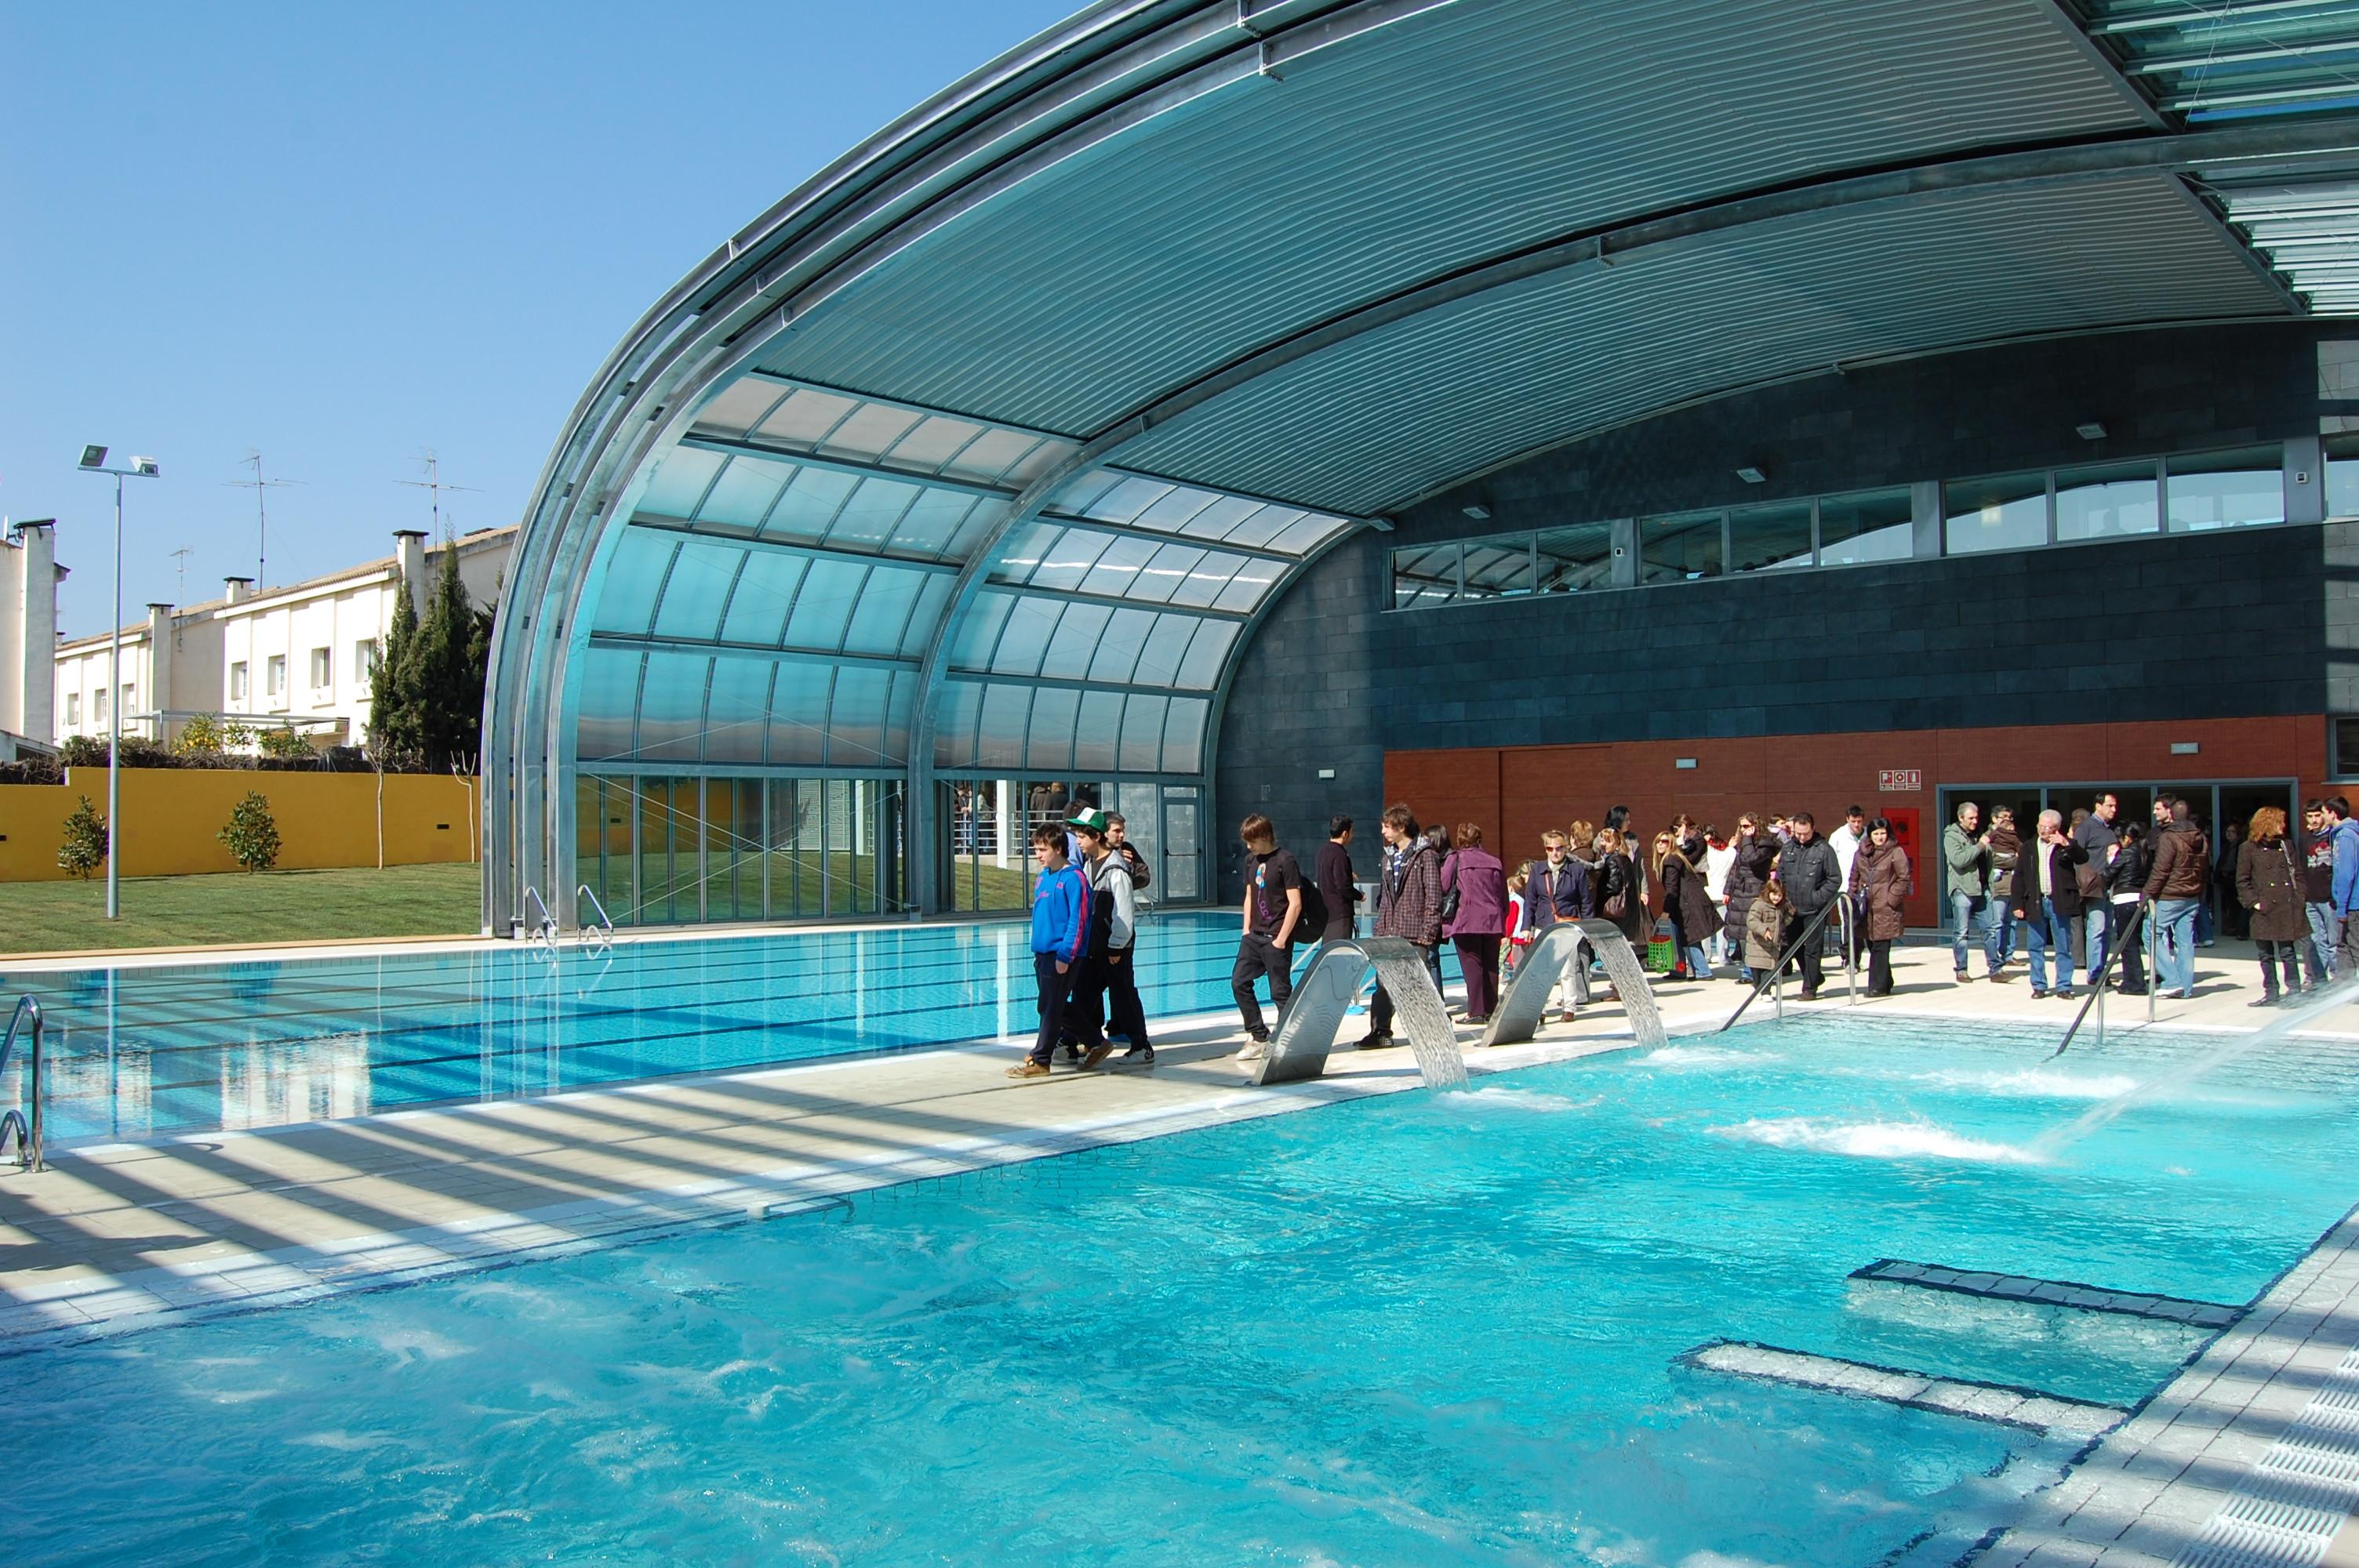 Ajuntament de premi de mar la nova piscina inaugurada for Piscina municipal premia de mar